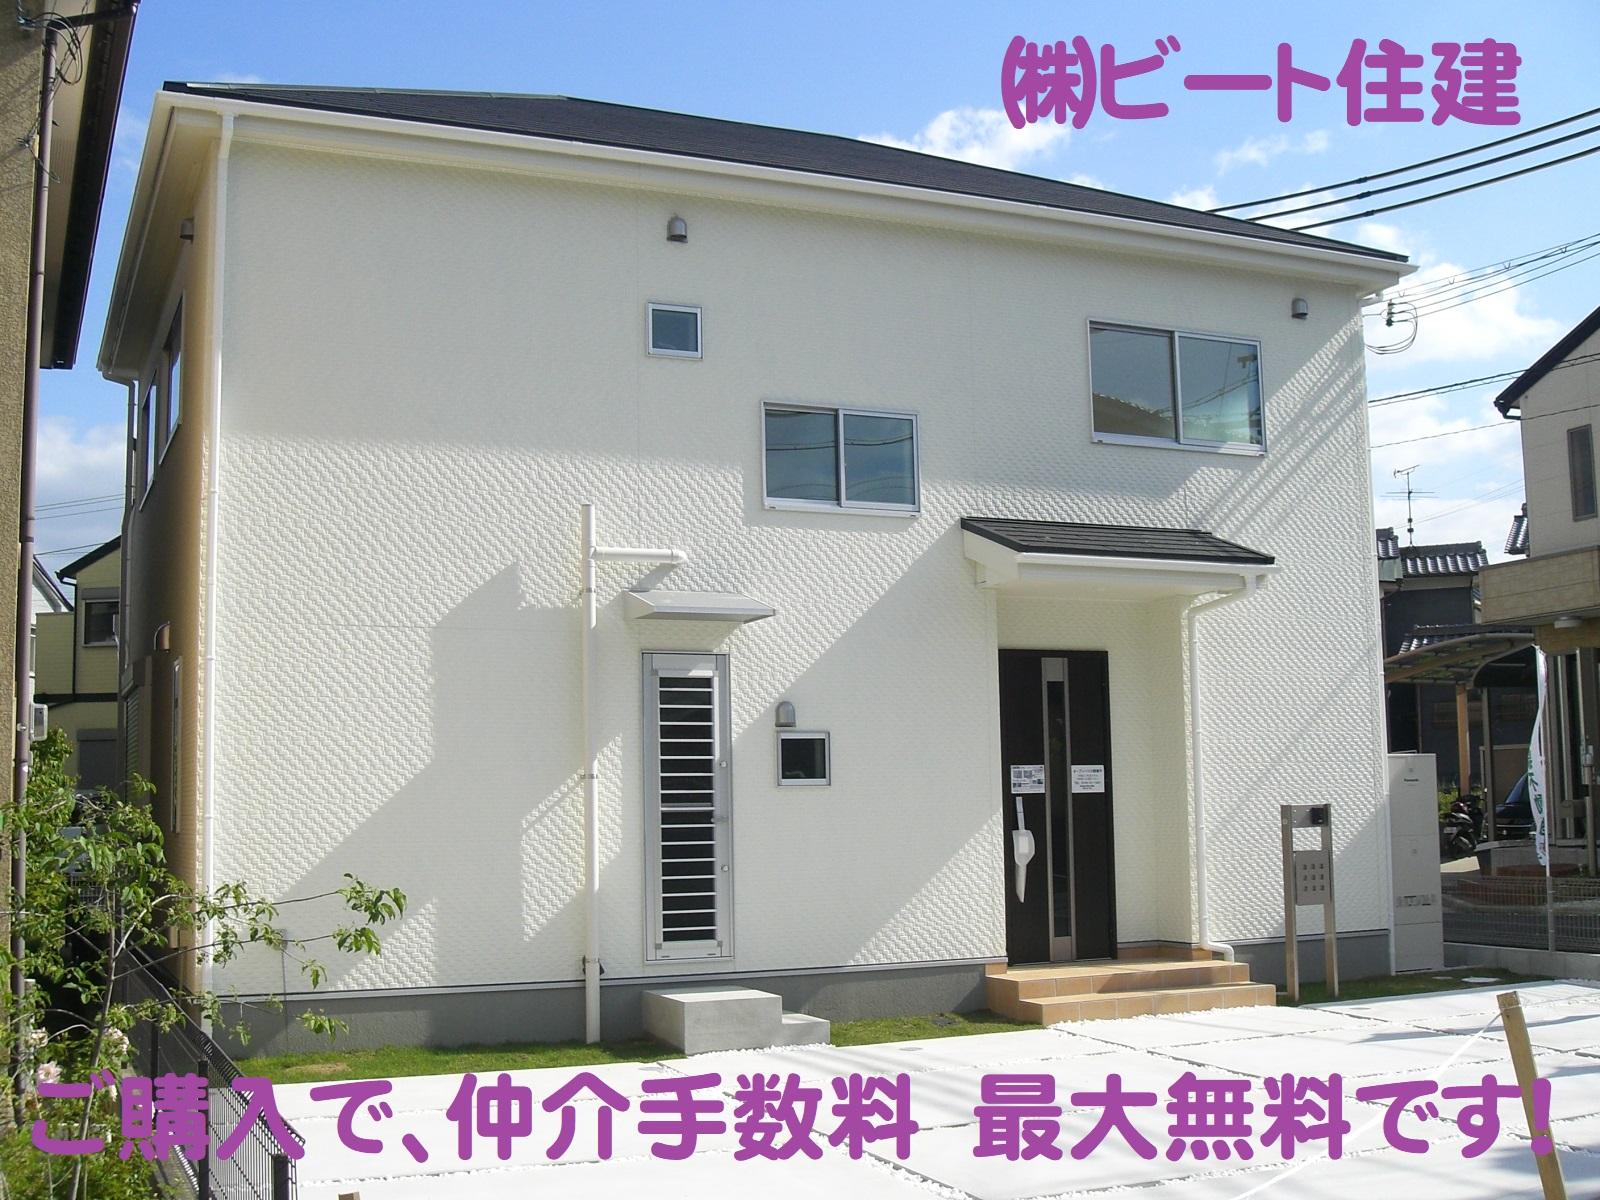 広陵町 三吉 新築 高級仕様 飯田グループ 一建設  モデルハウス ございます!